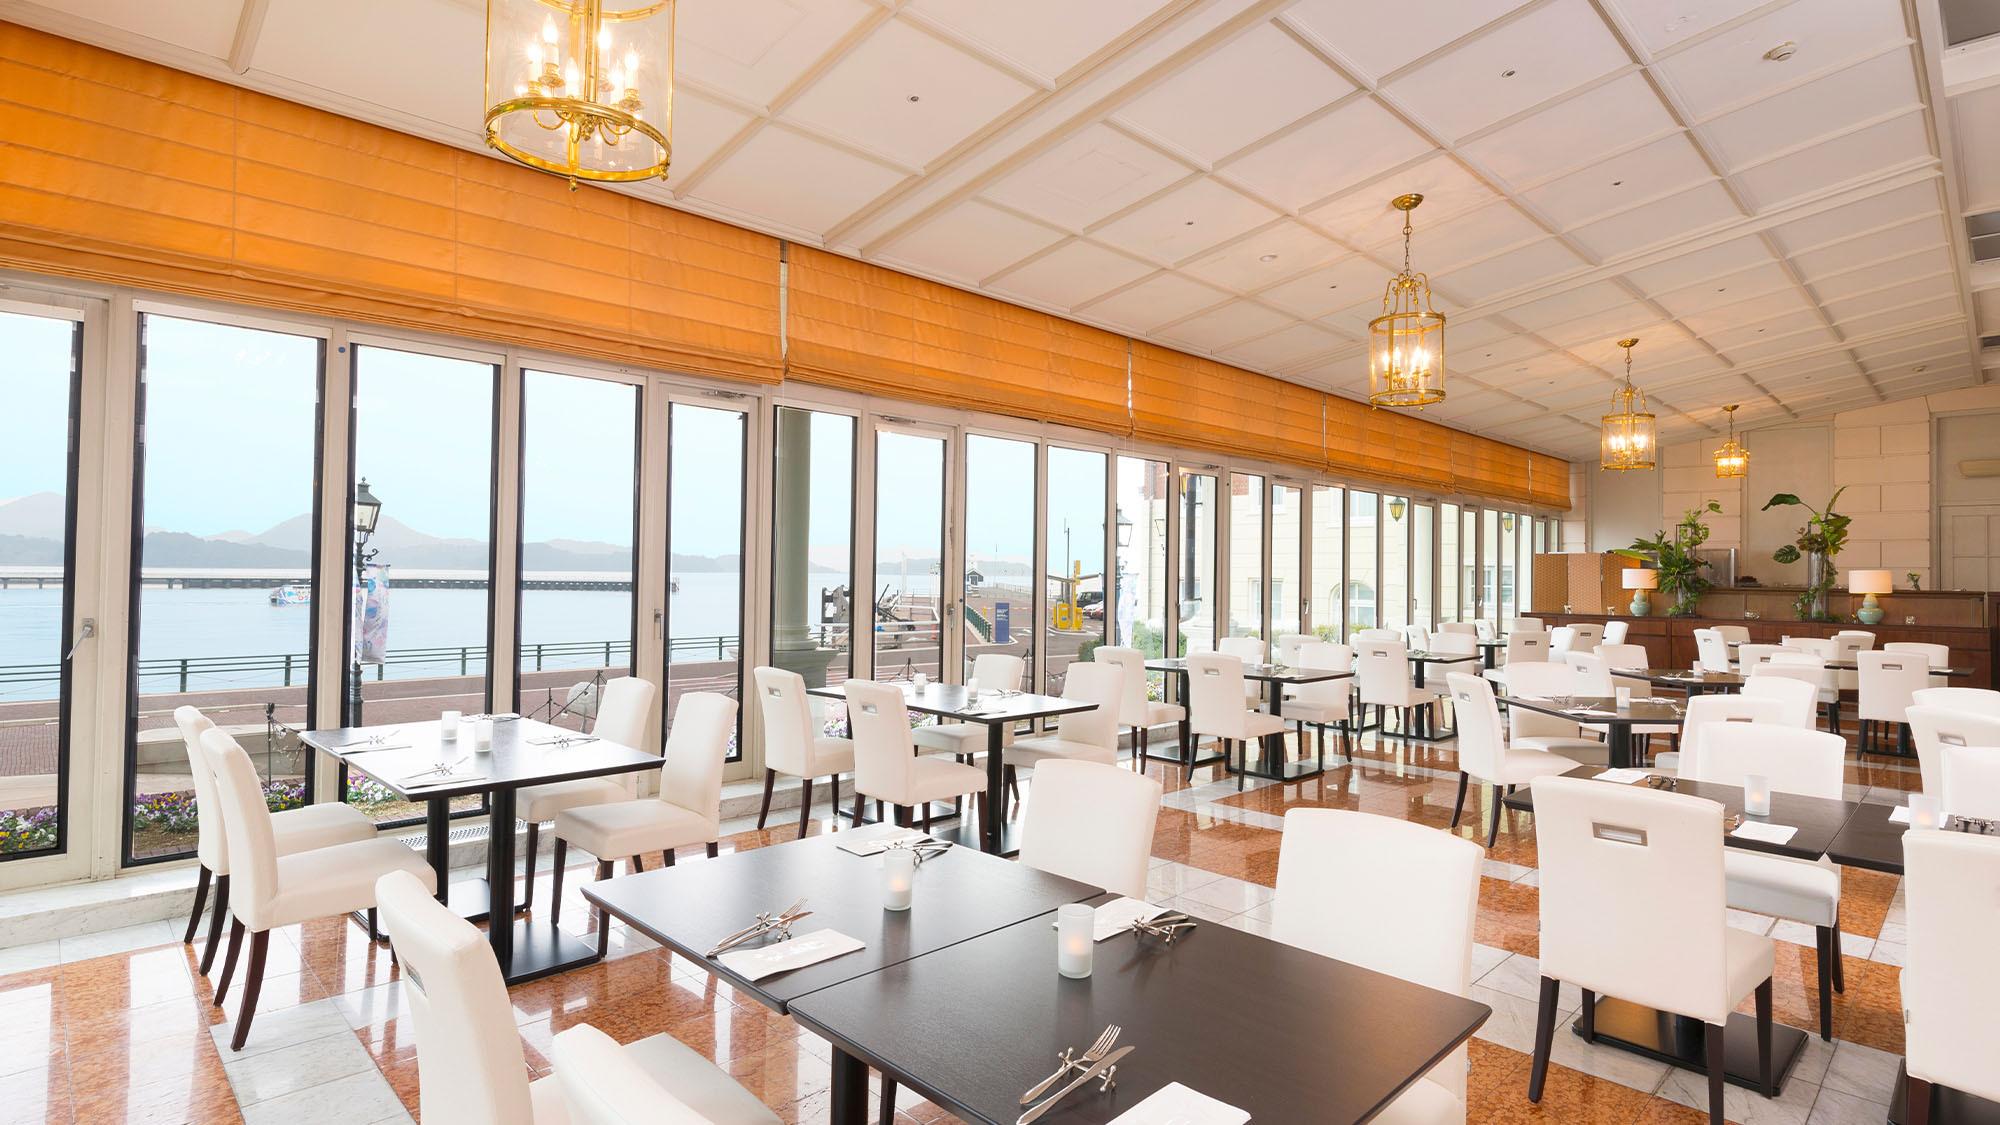 海を望めるオーシャンビューレストランで優雅にお食事を。レストラン『エクセルシオール』